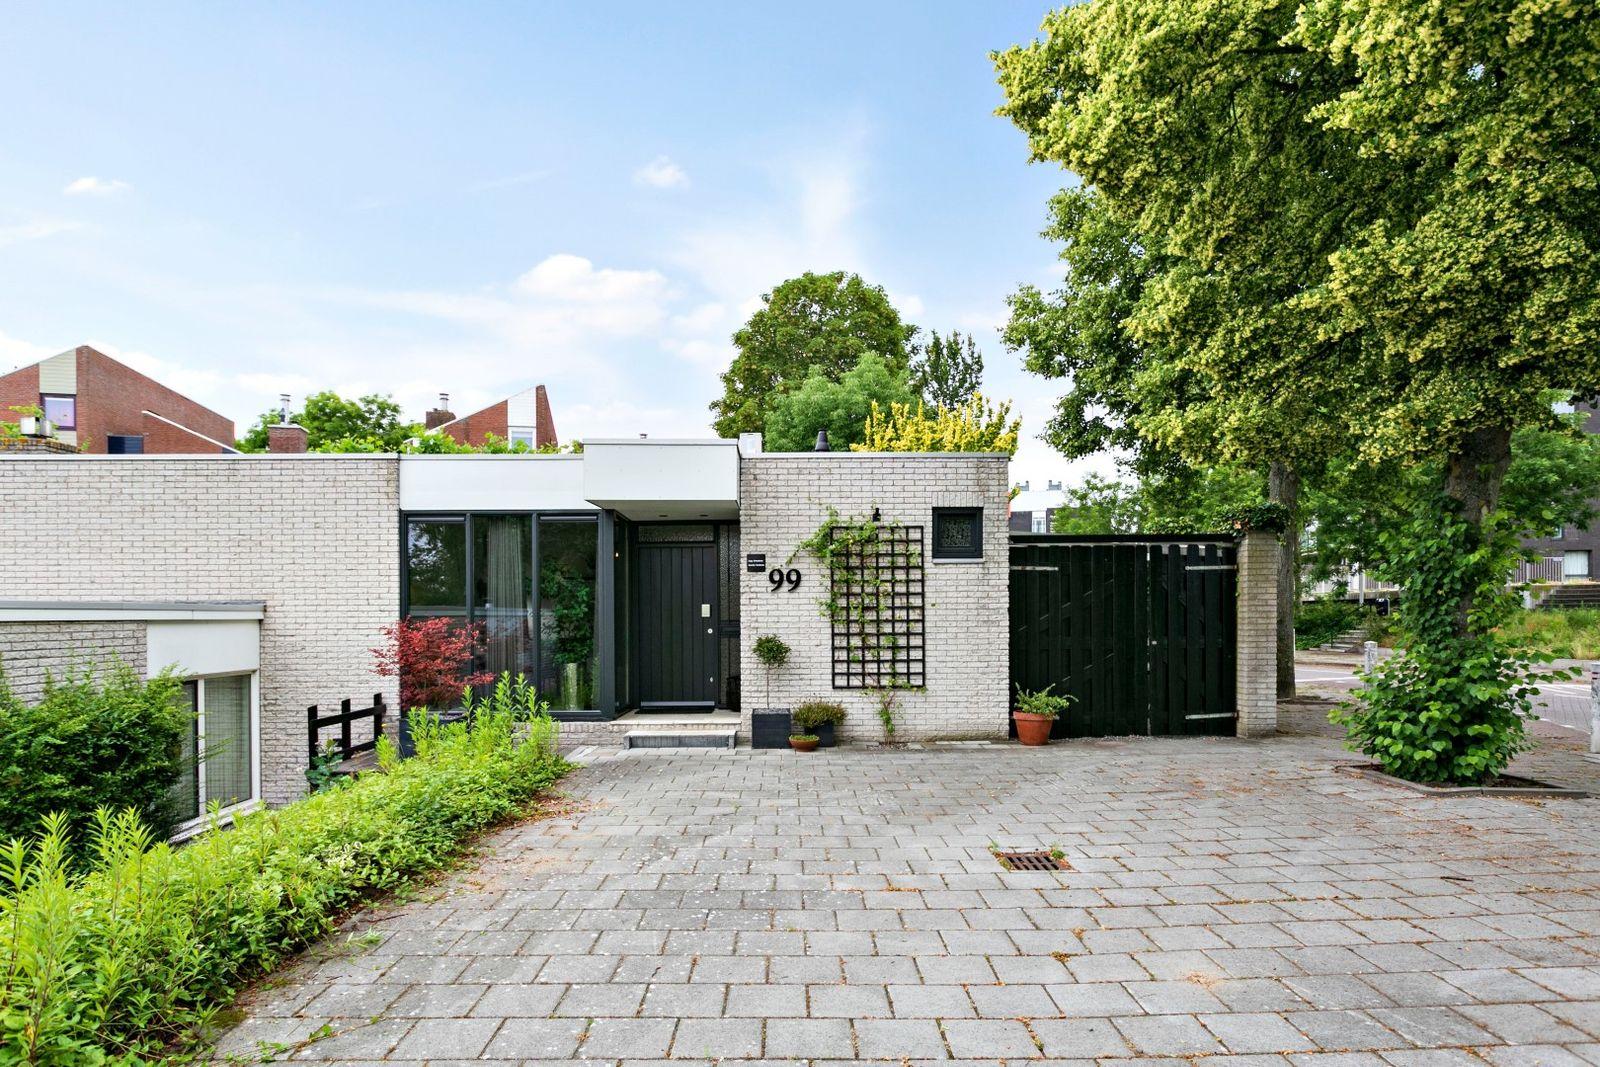 Augustalaan 99, Bergen Op Zoom